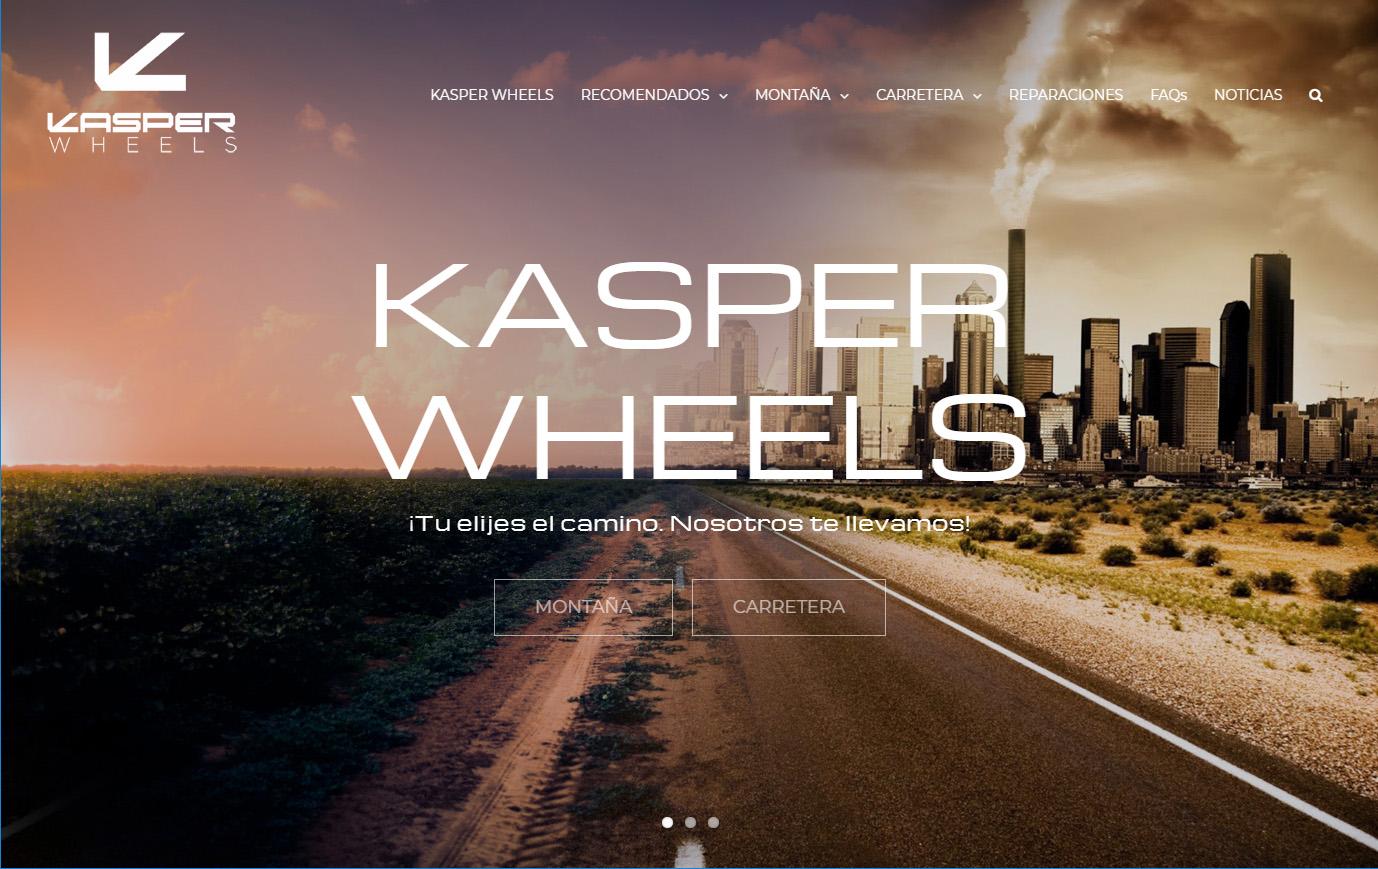 KASPER Wheels